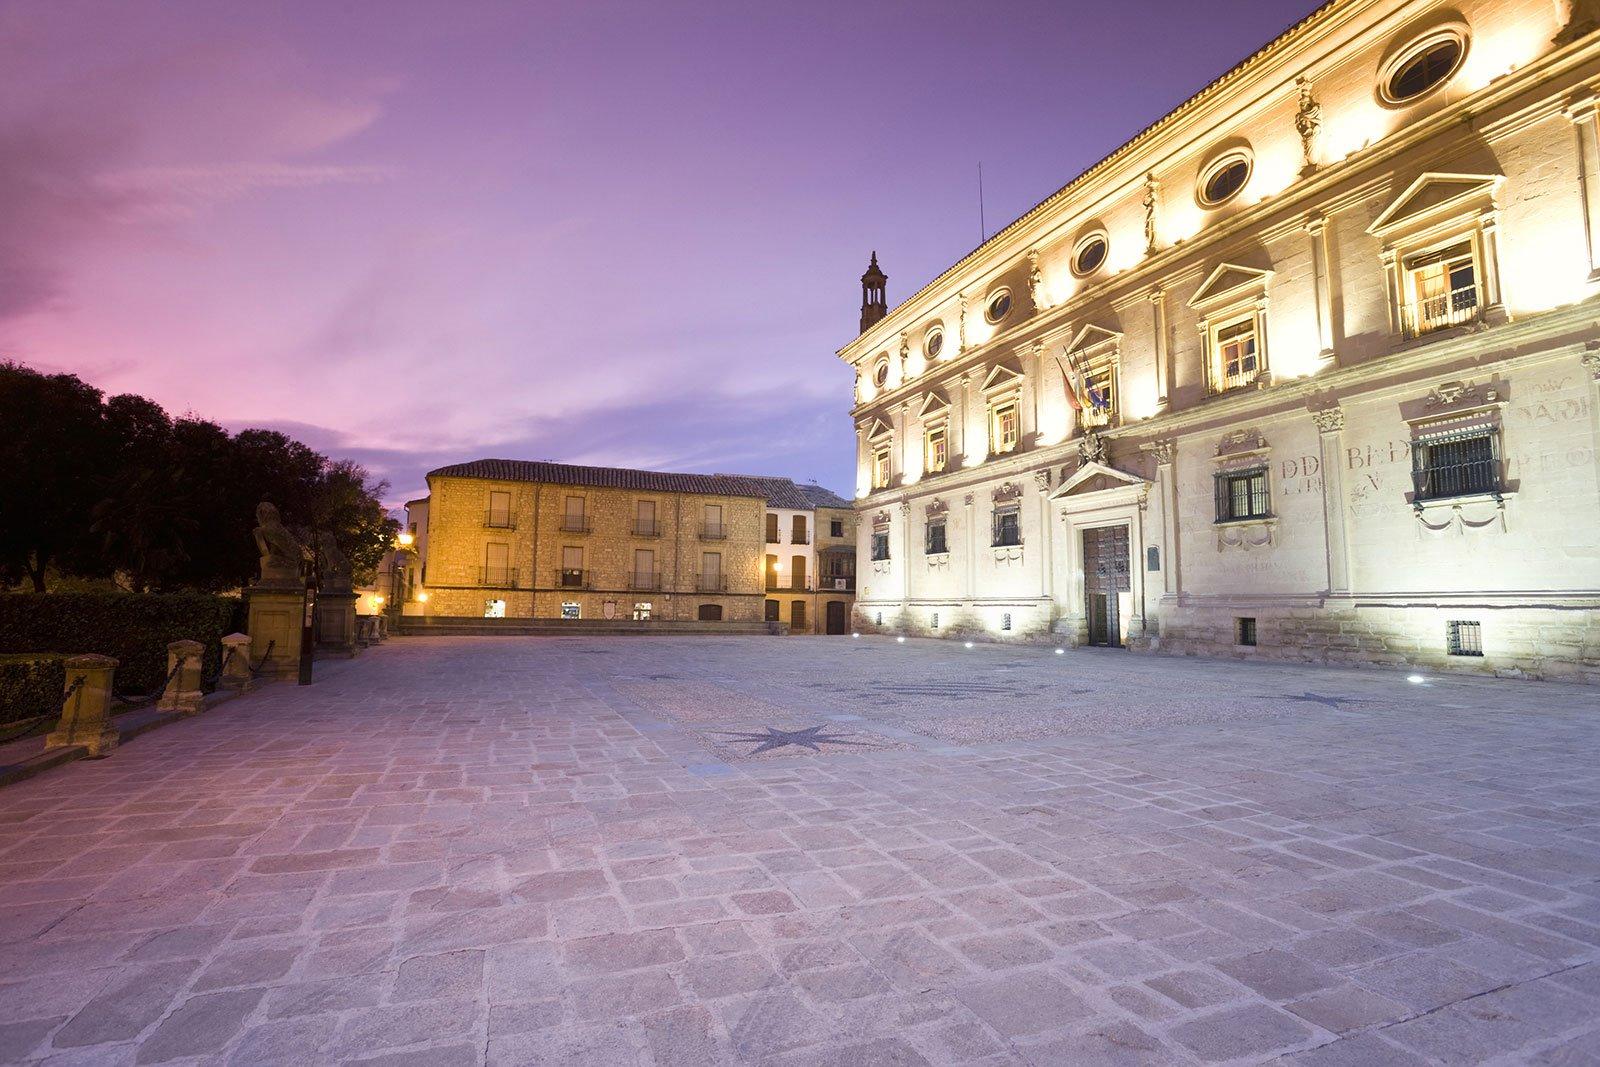 Úbeda. Conjuntos monumentales renacentistas de Úbeda y Baeza